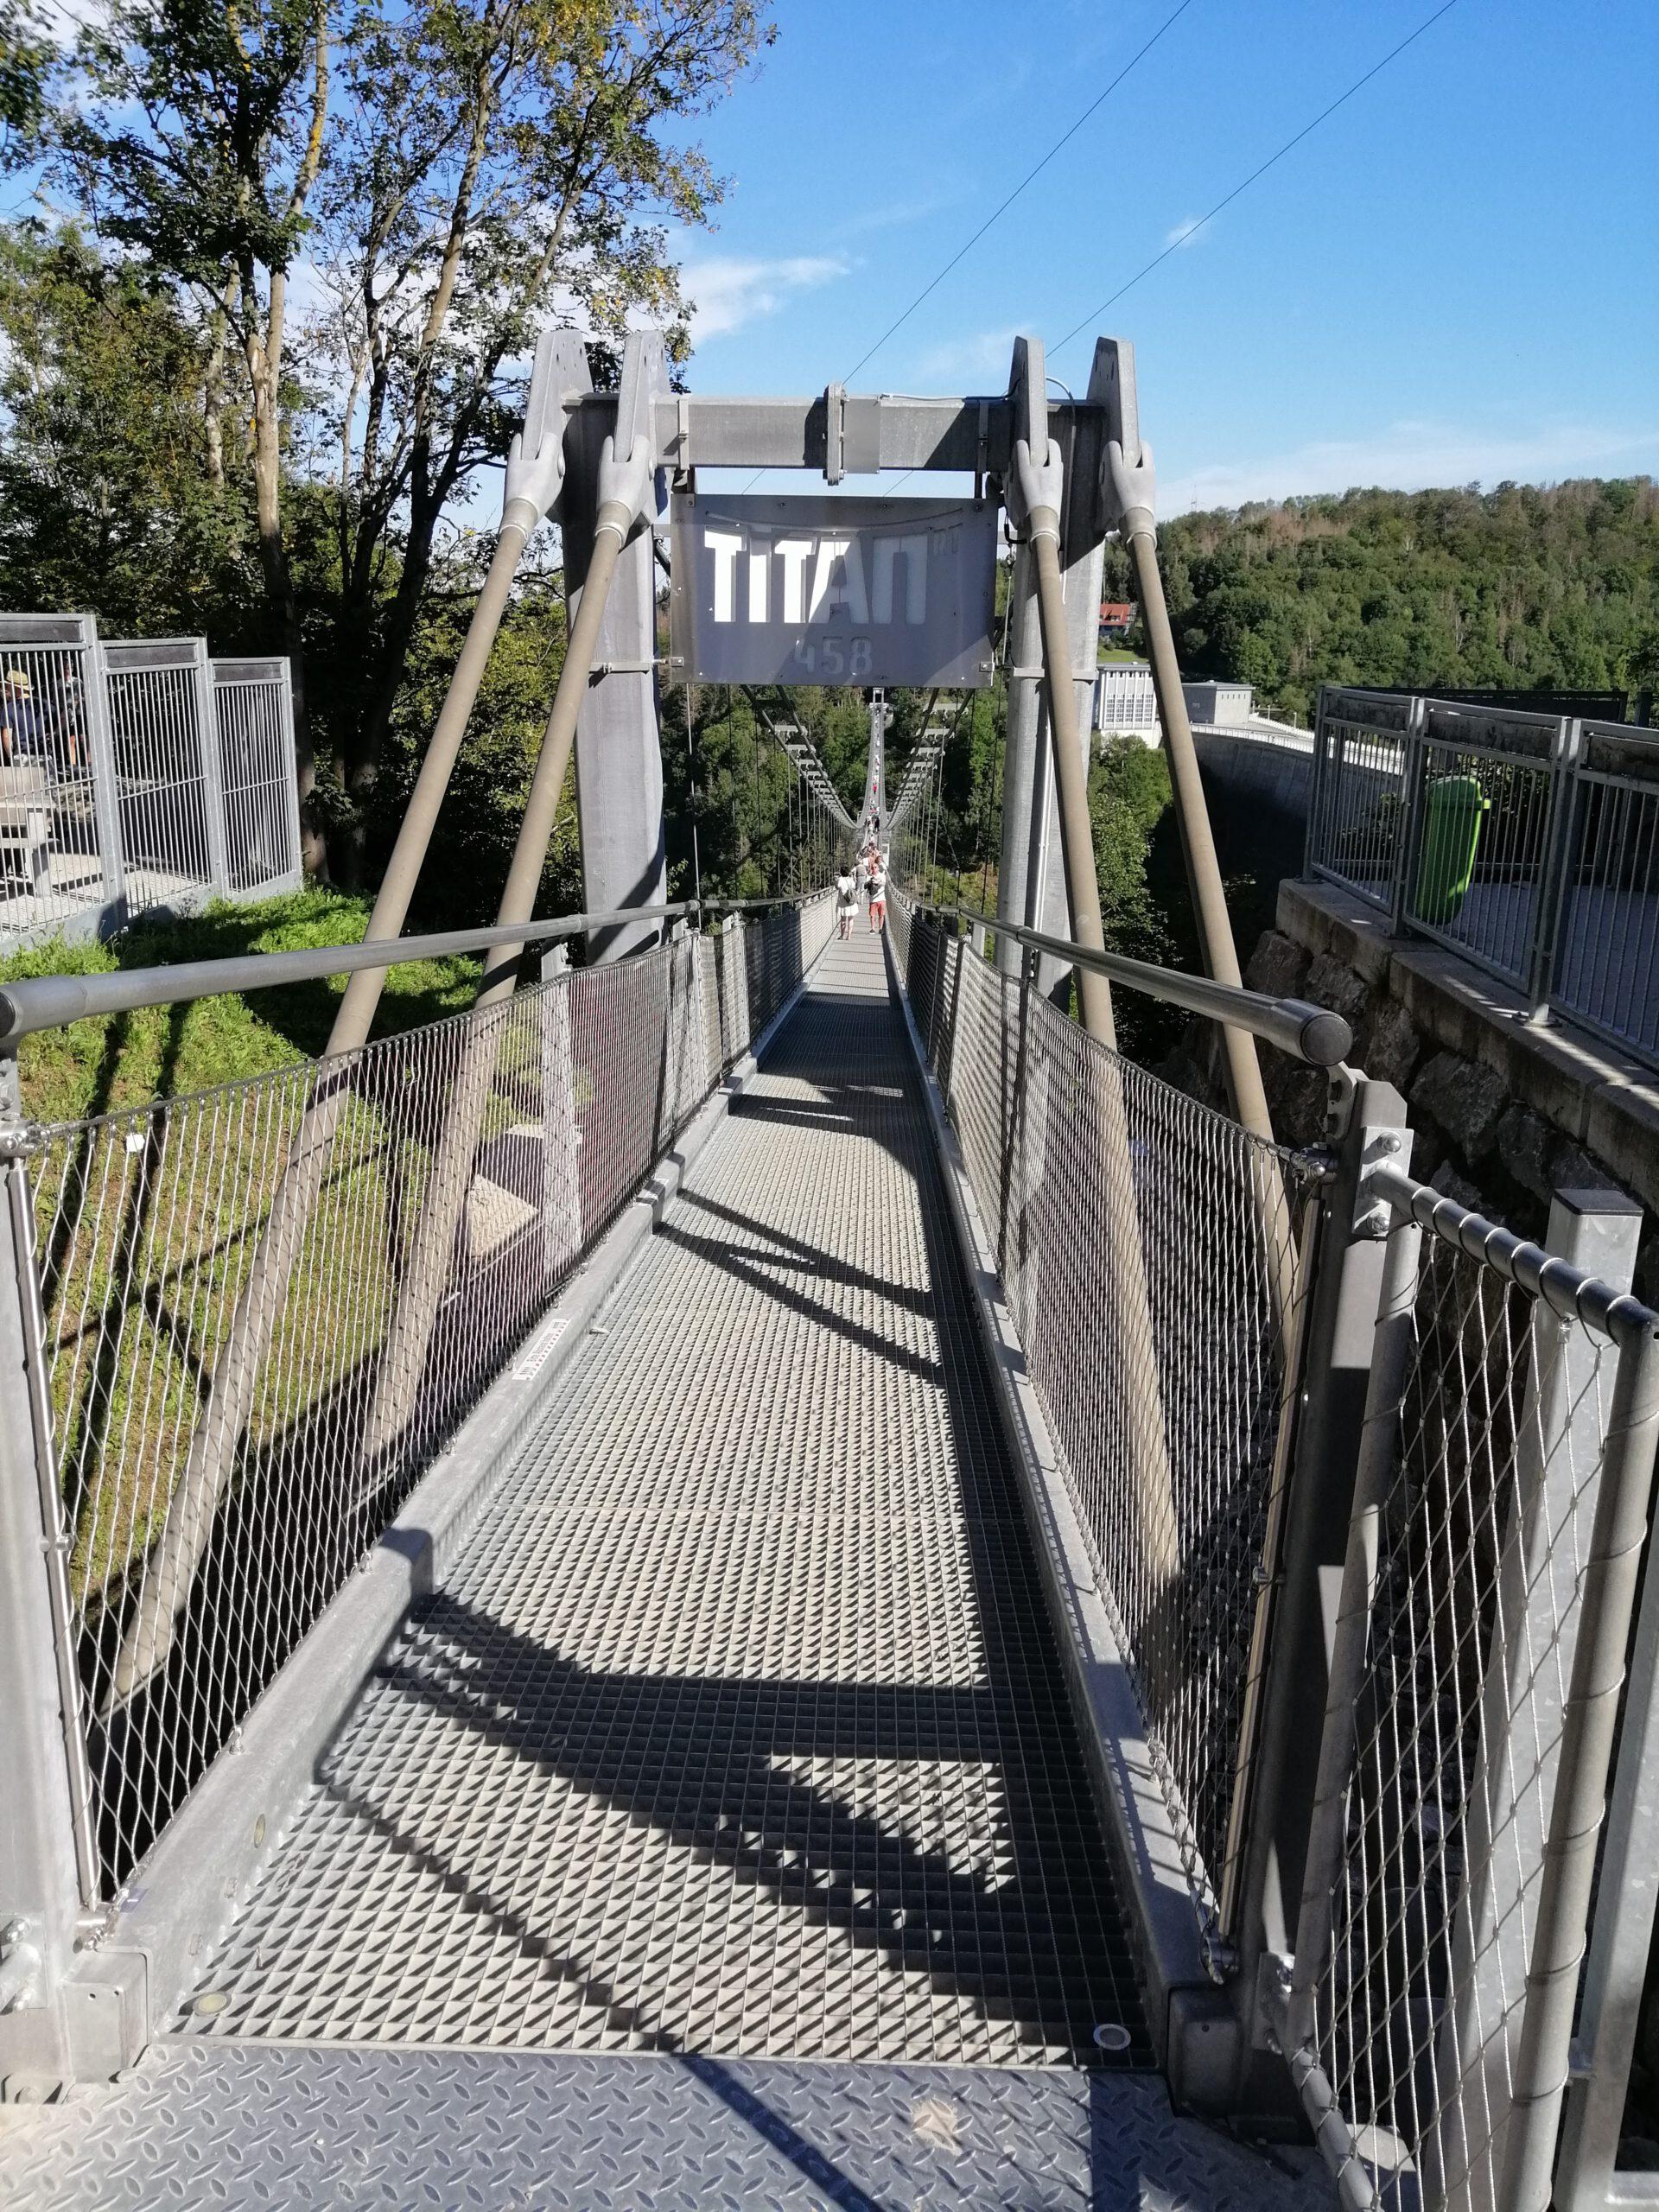 Ab auf die Hängebrücke!